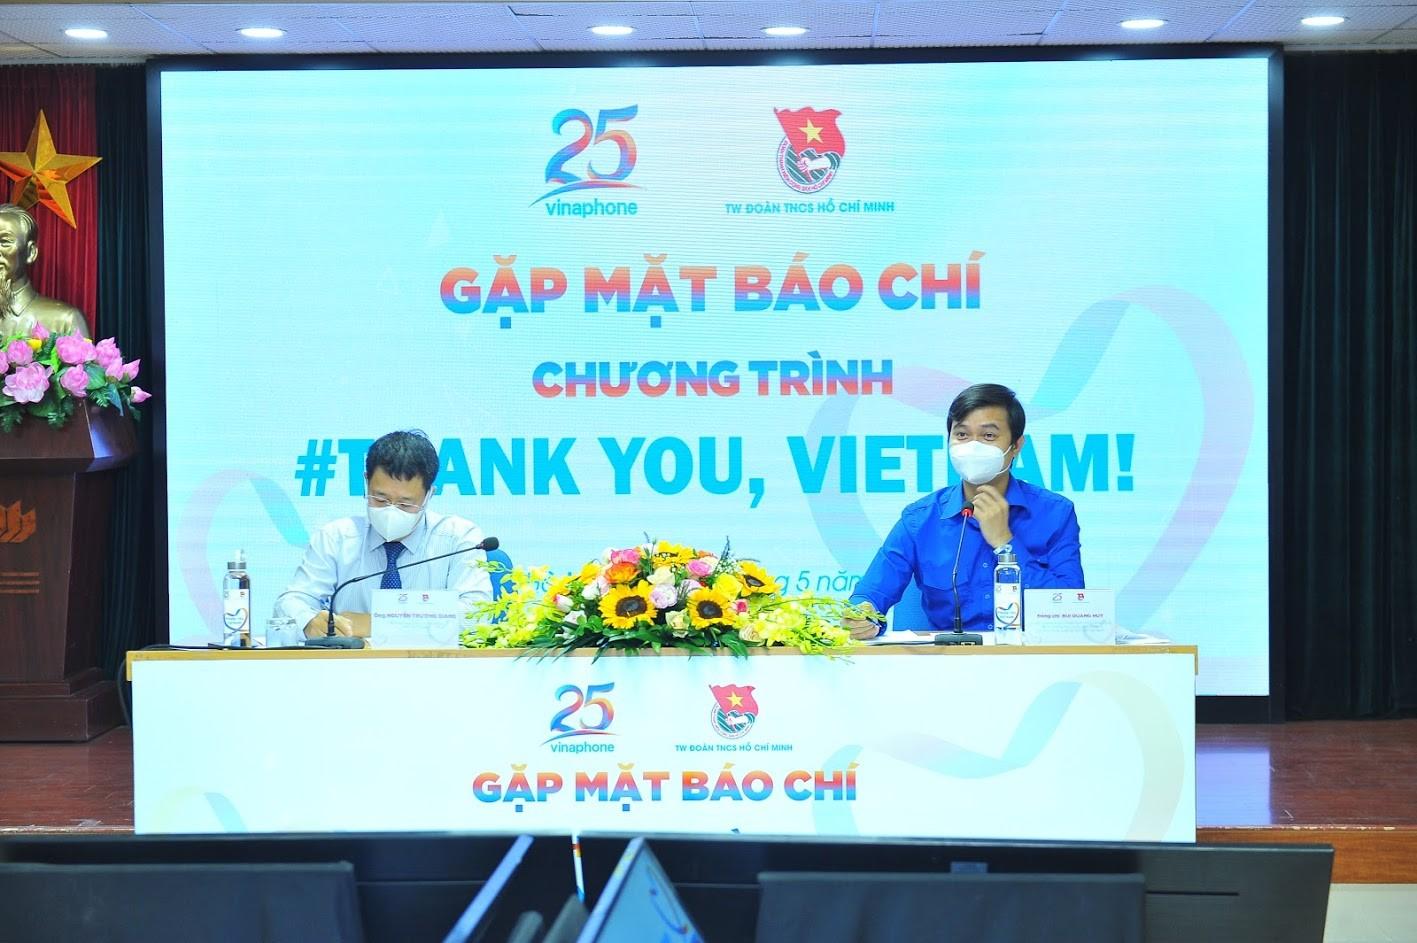 #THANK YOU, VIETNAM! – LAN TỎA LỜI CẢM ƠN GÂY QUỸ HỖ TRỢ NGƯỜI DÂN CÓ HOÀN CẢNH KHÓ KHĂN